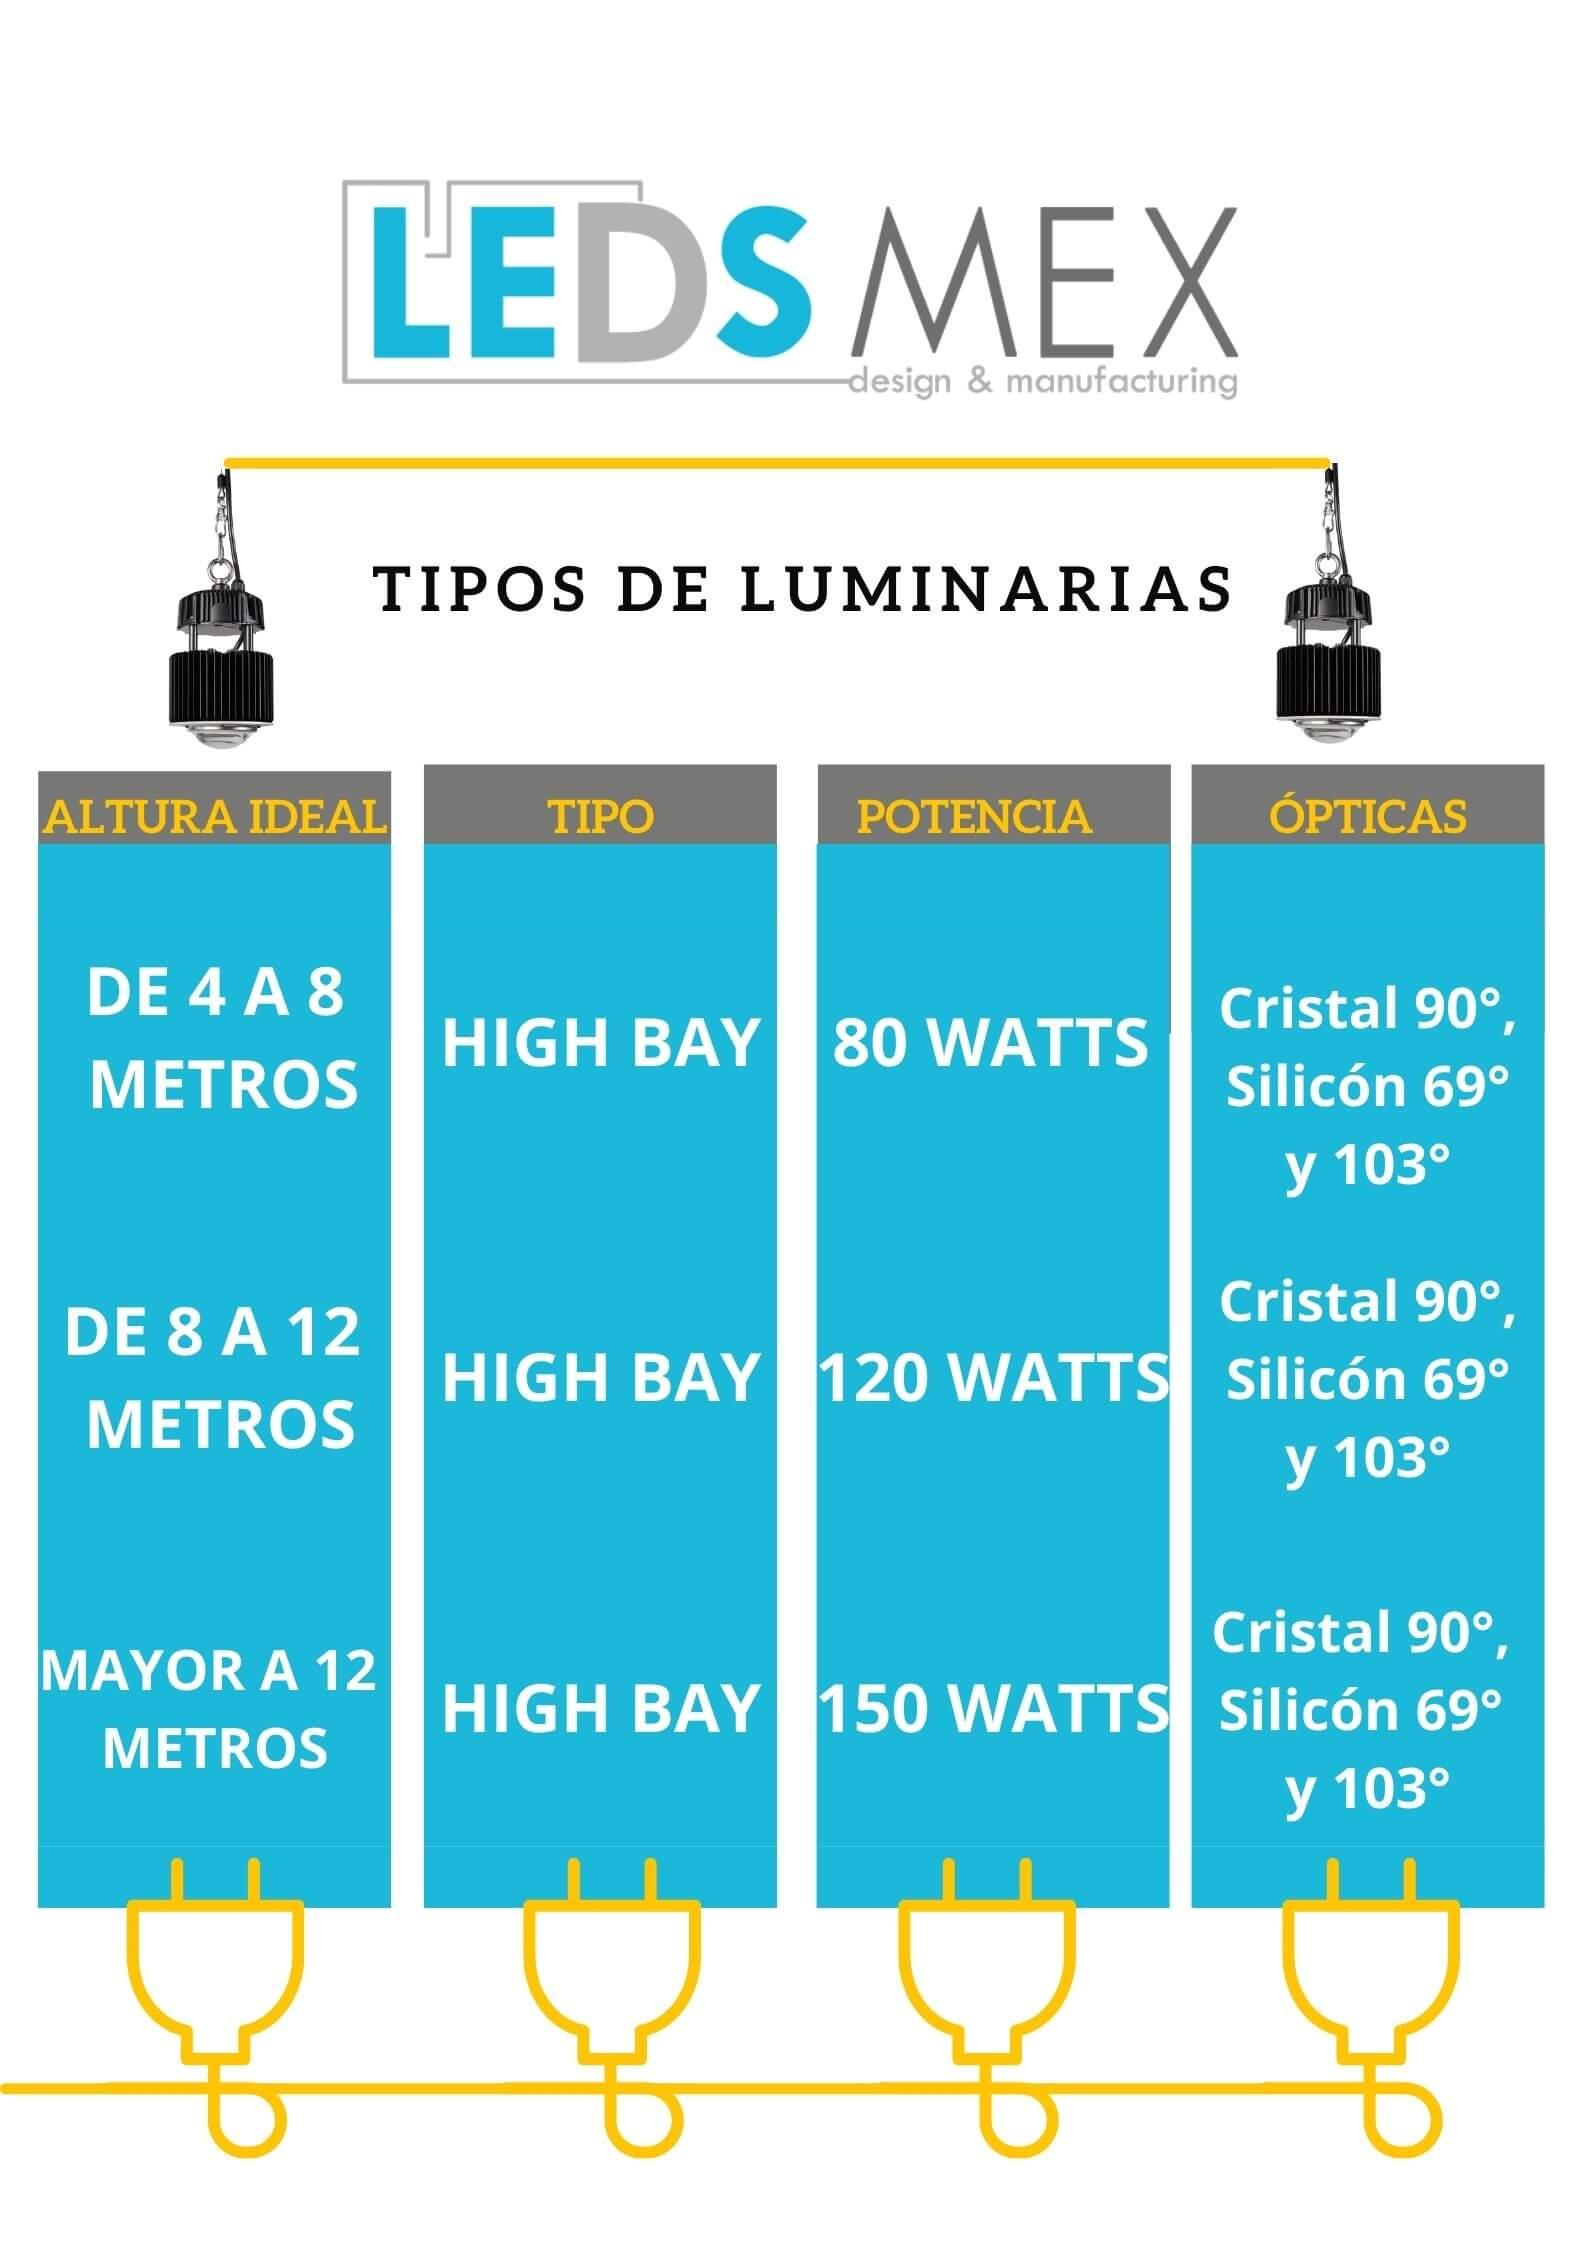 ¿Qué tipos de luminaria y potencia ofrece Ledsmex?